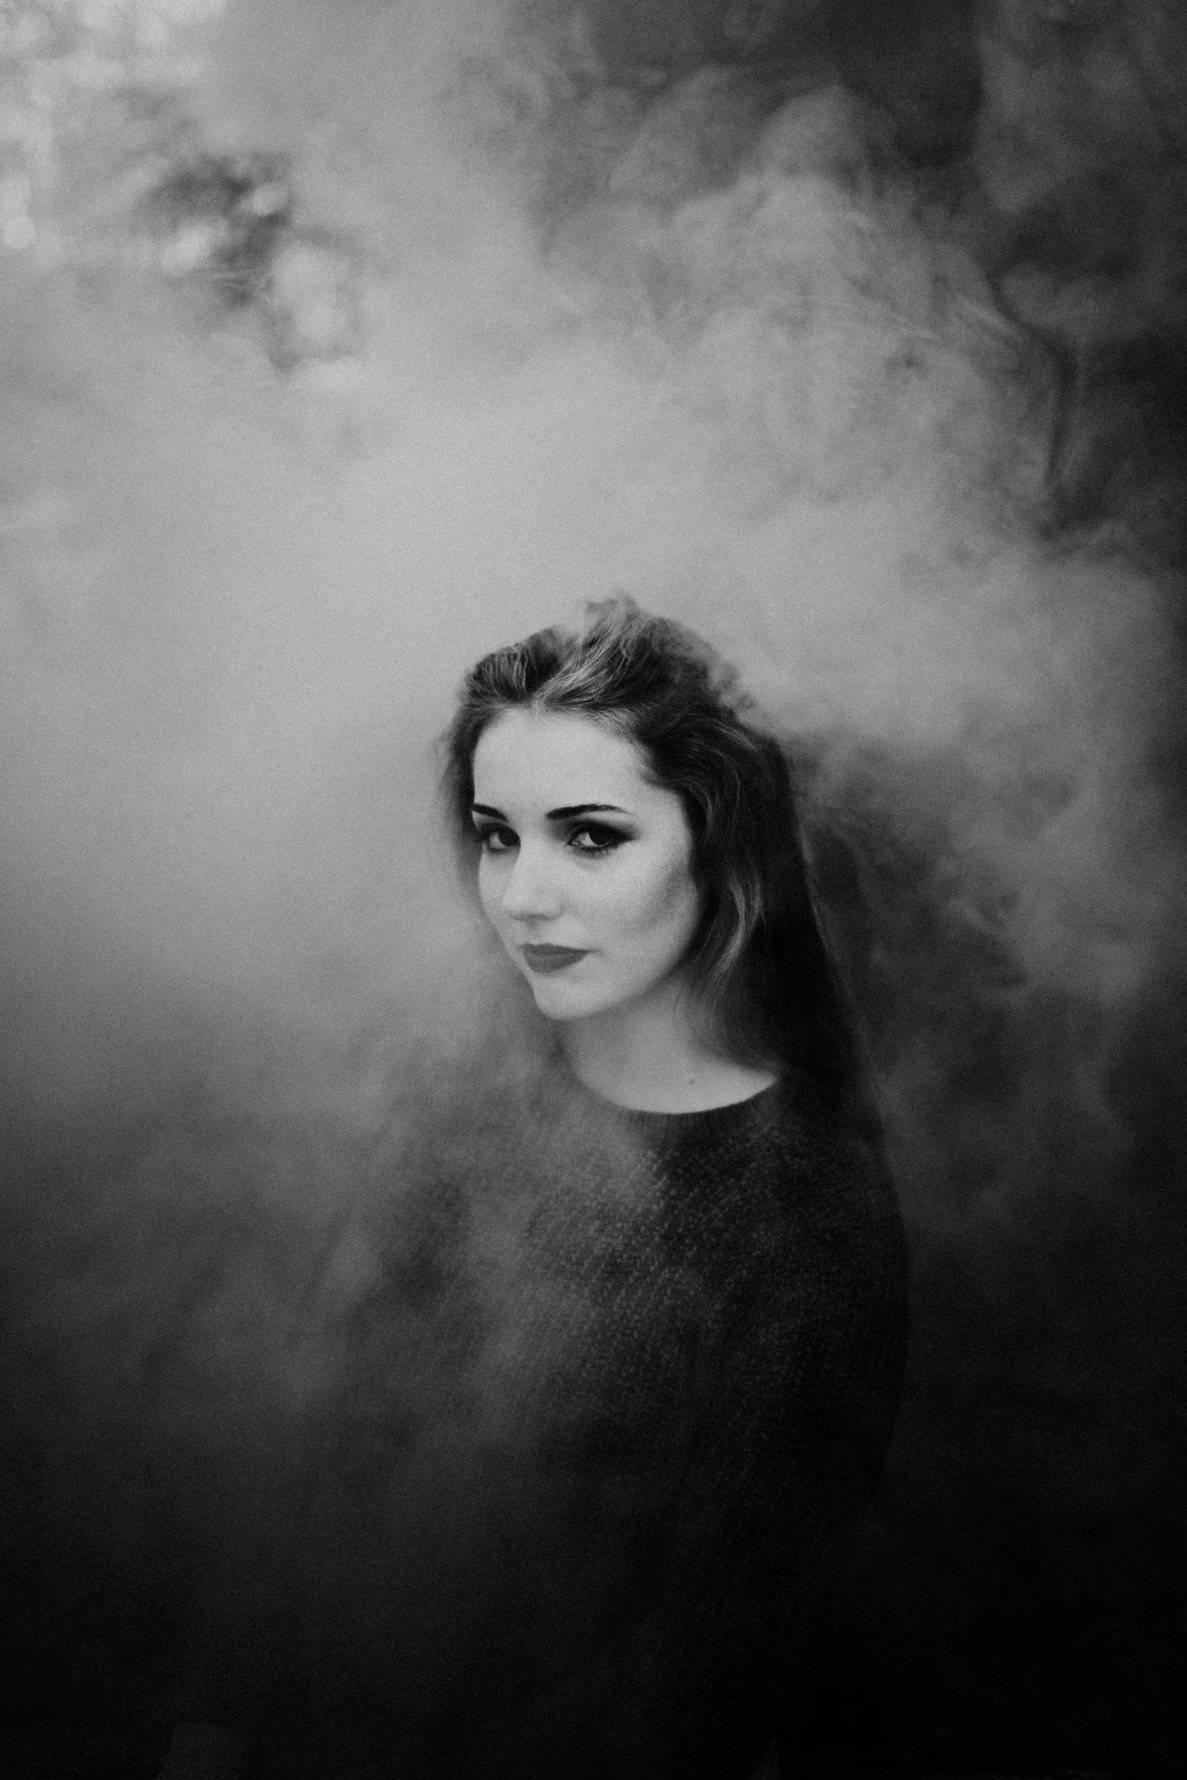 Black and White Smoke Bomb Photos